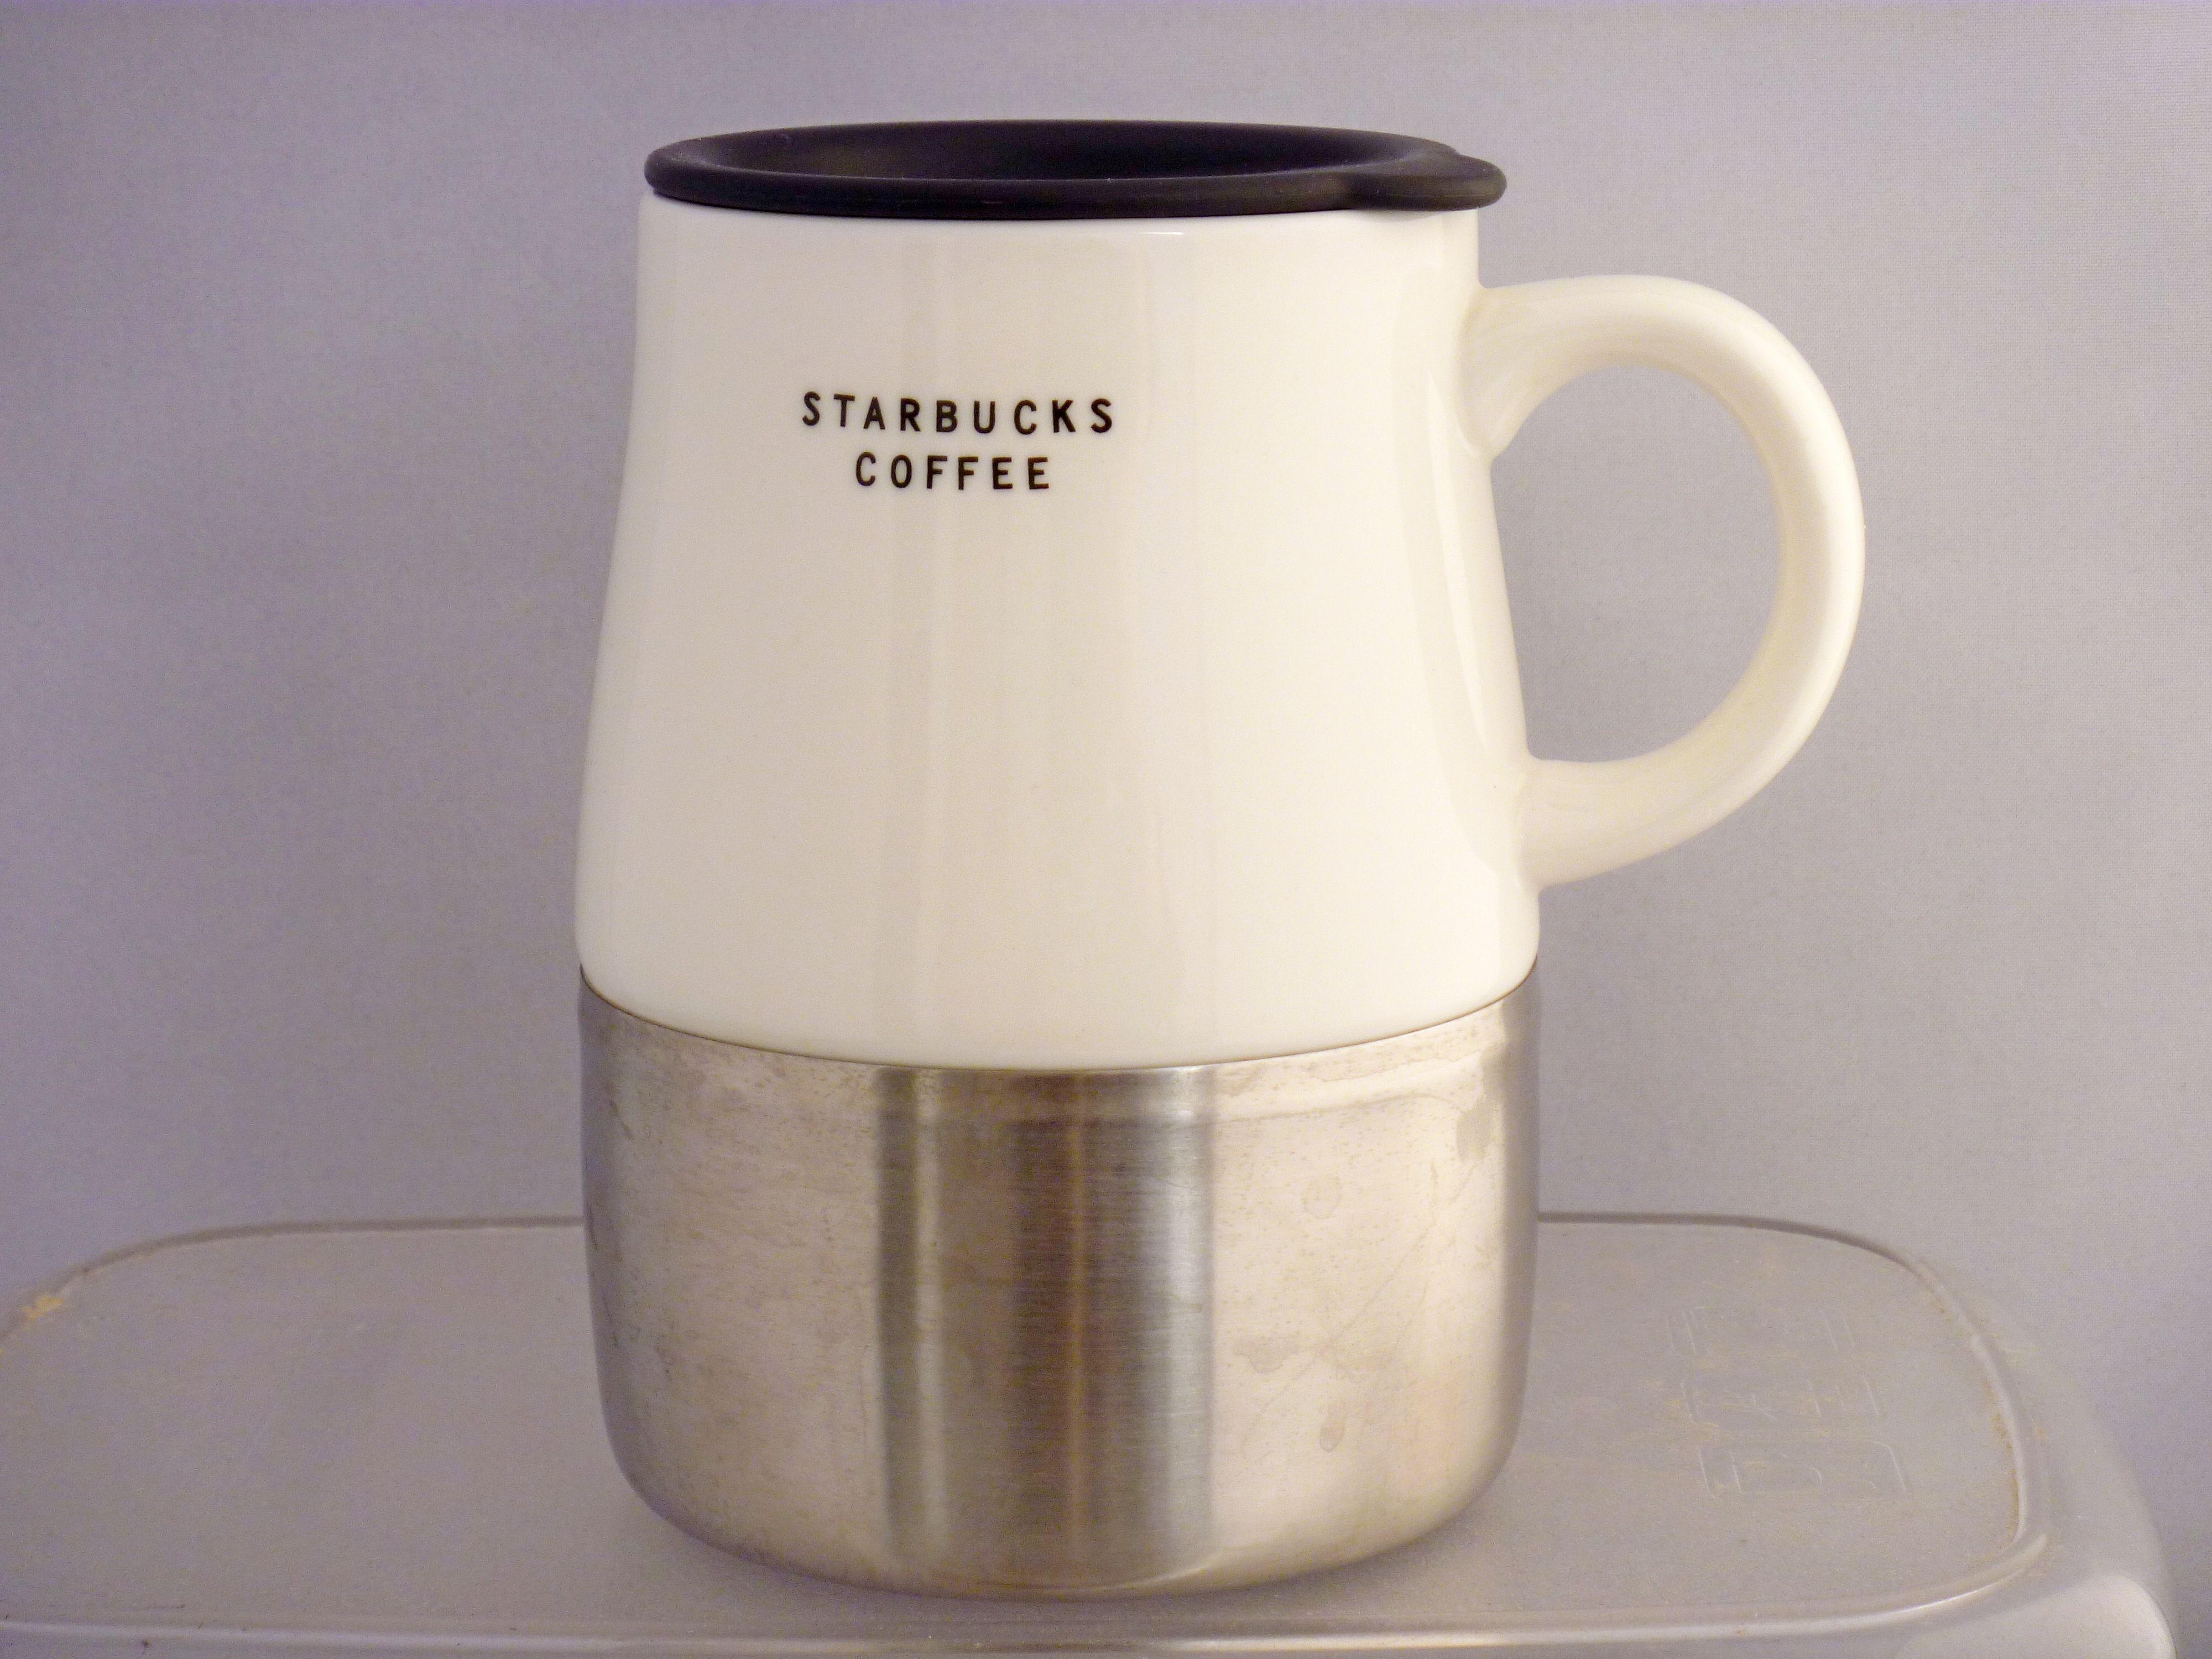 Stainless Ceramic Steel Base14oz Starbucks 2004 UrbanWhite Nwvn8m0